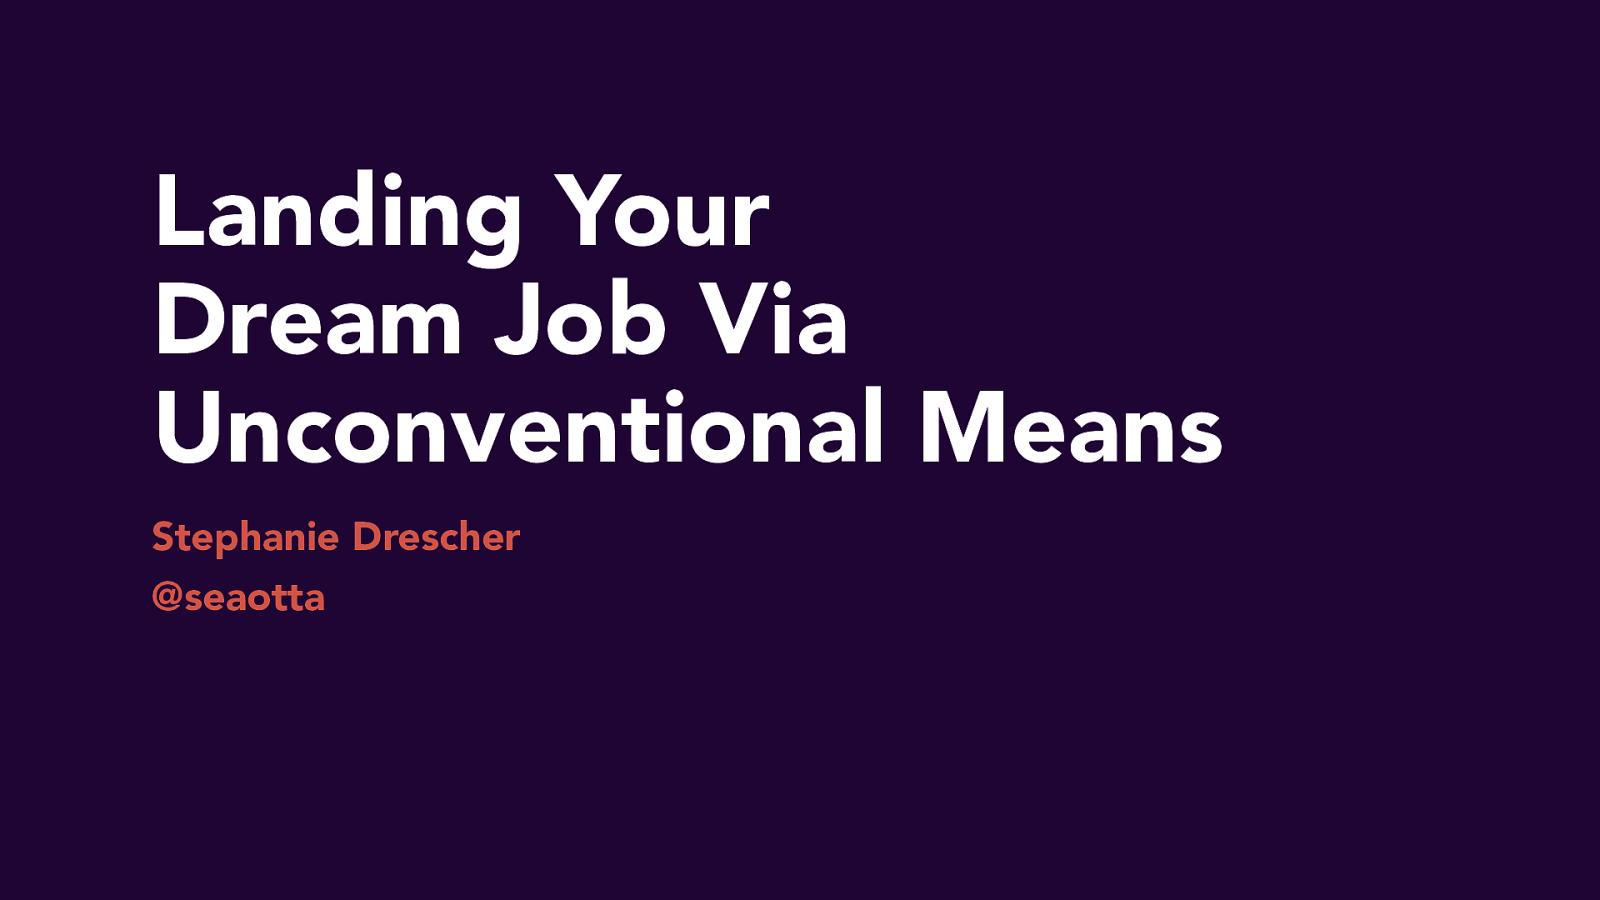 Landing Your Dream Job Via Unconventional Means